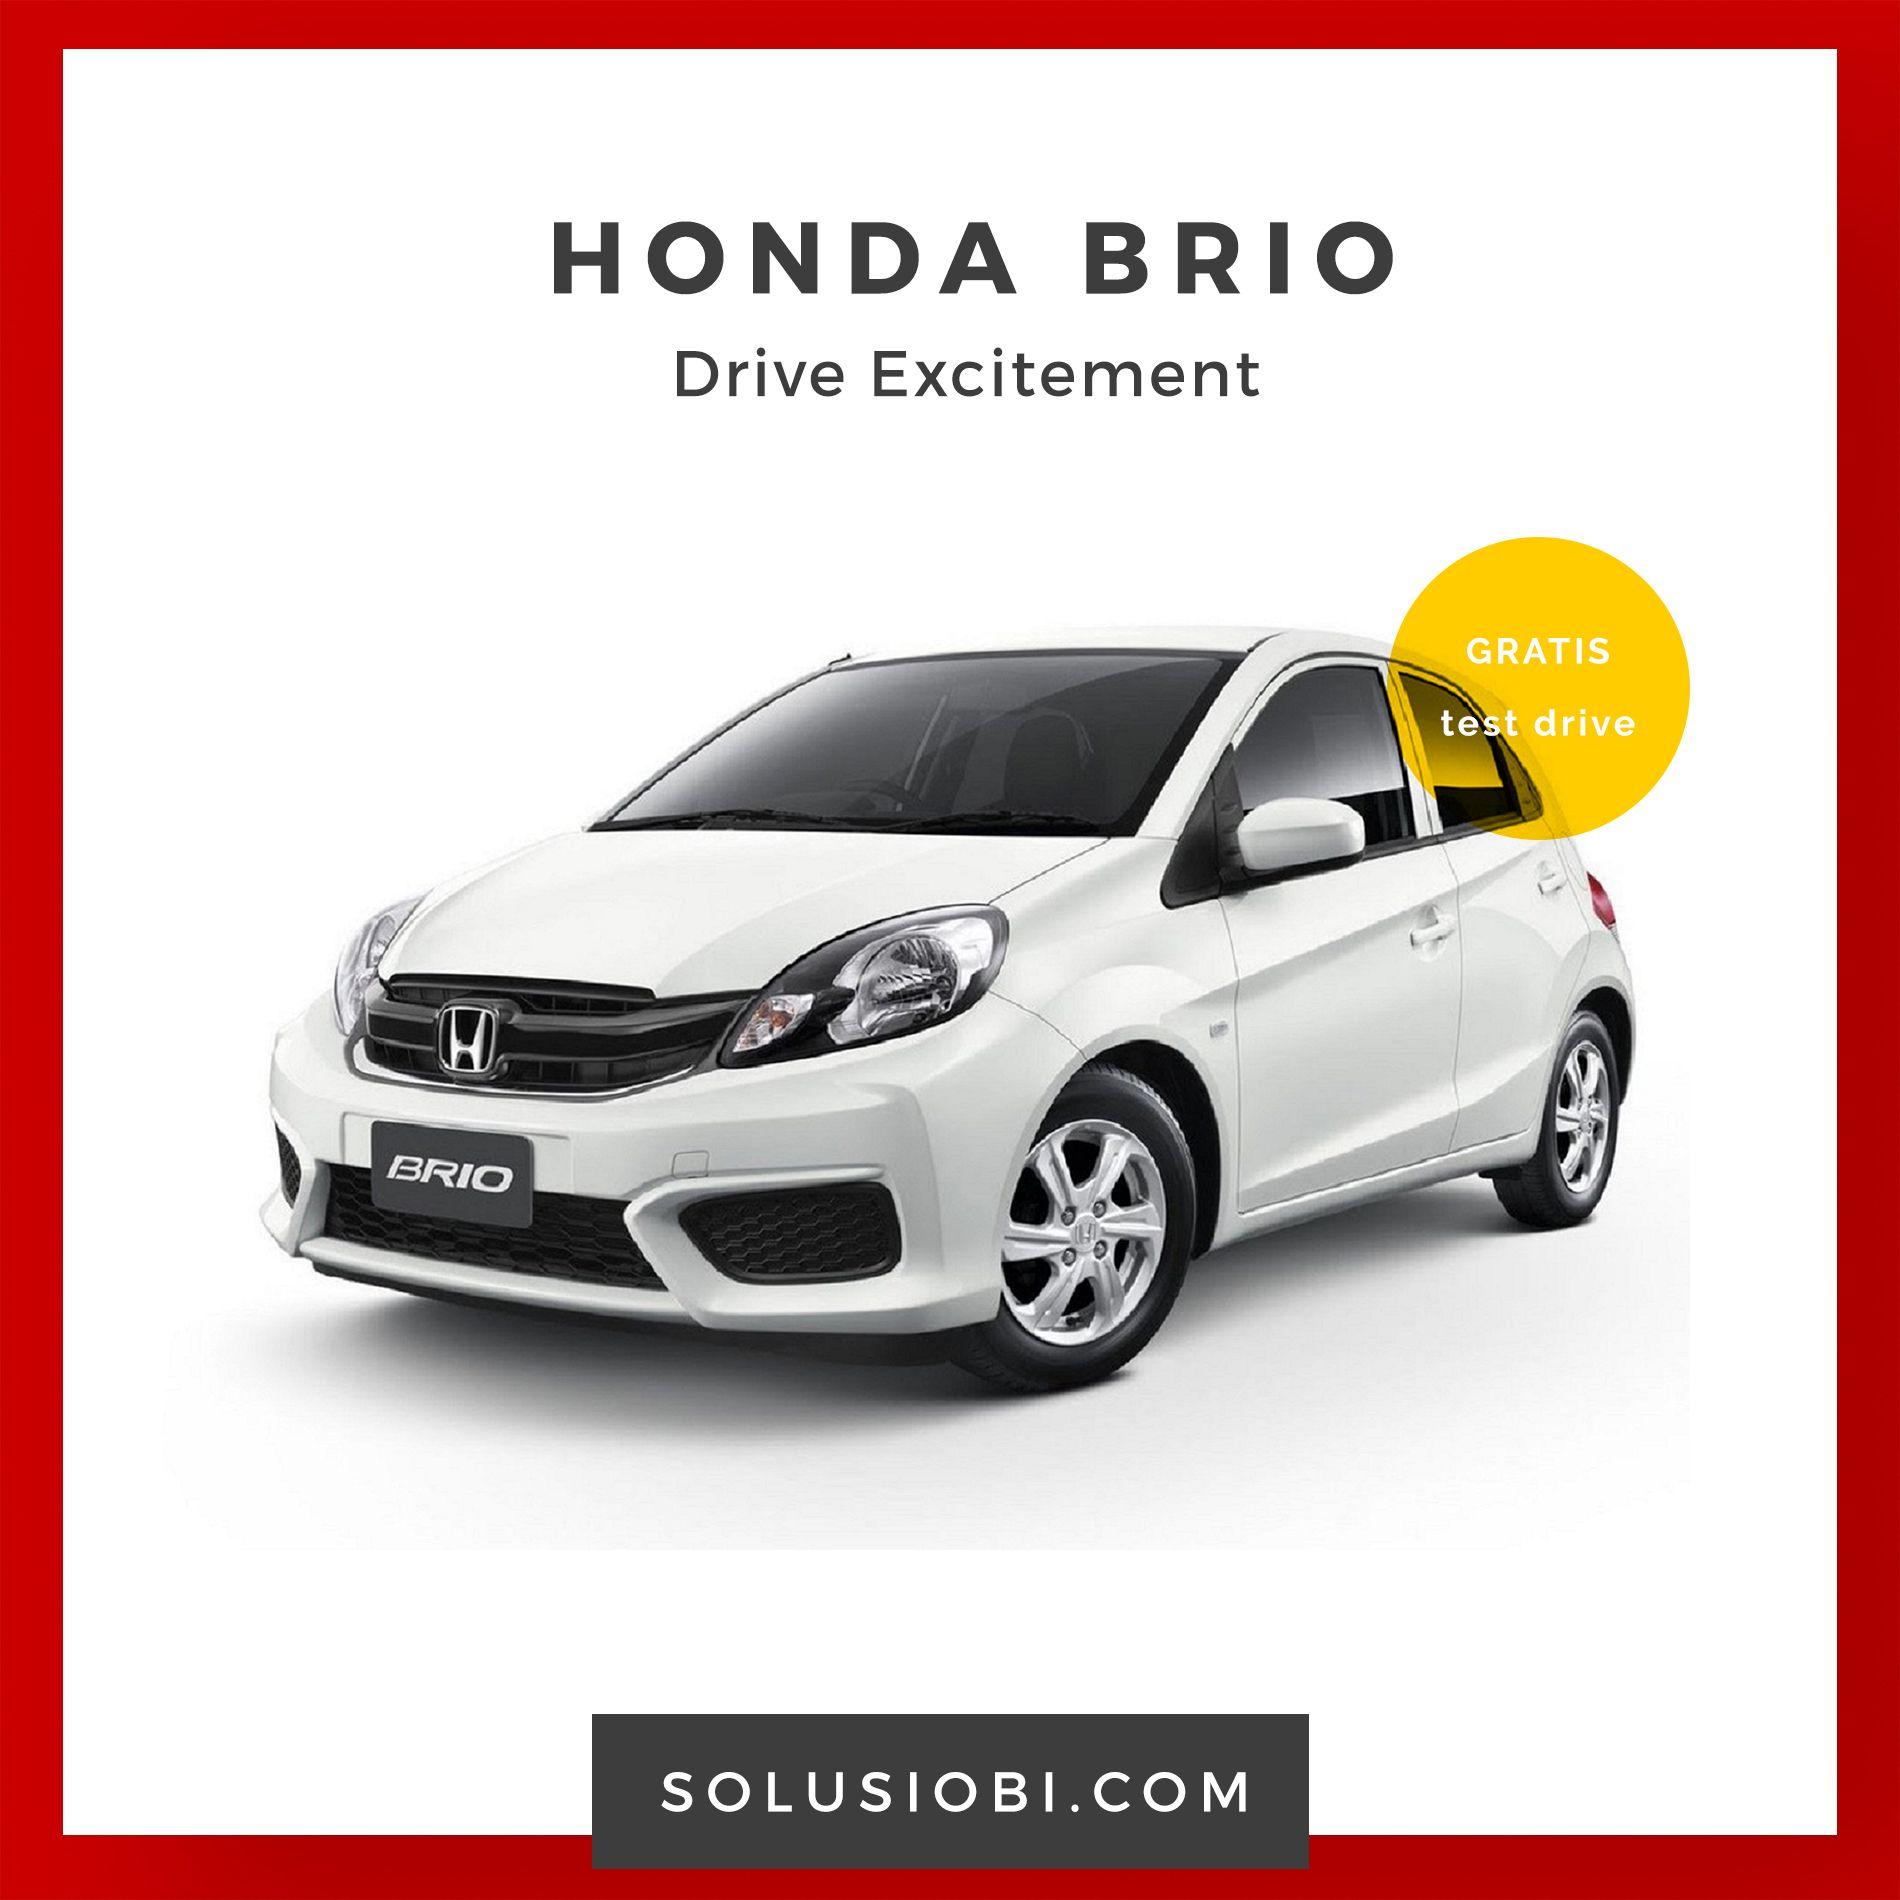 Mobil Honda Brio Didesain Body Yang Sporty Dan Stylish Interior Yang Tampil Sporty Kabin Yang Nyaman Dan Dibekali Mesin Yang Handal Serta Honda Mobil Kabin